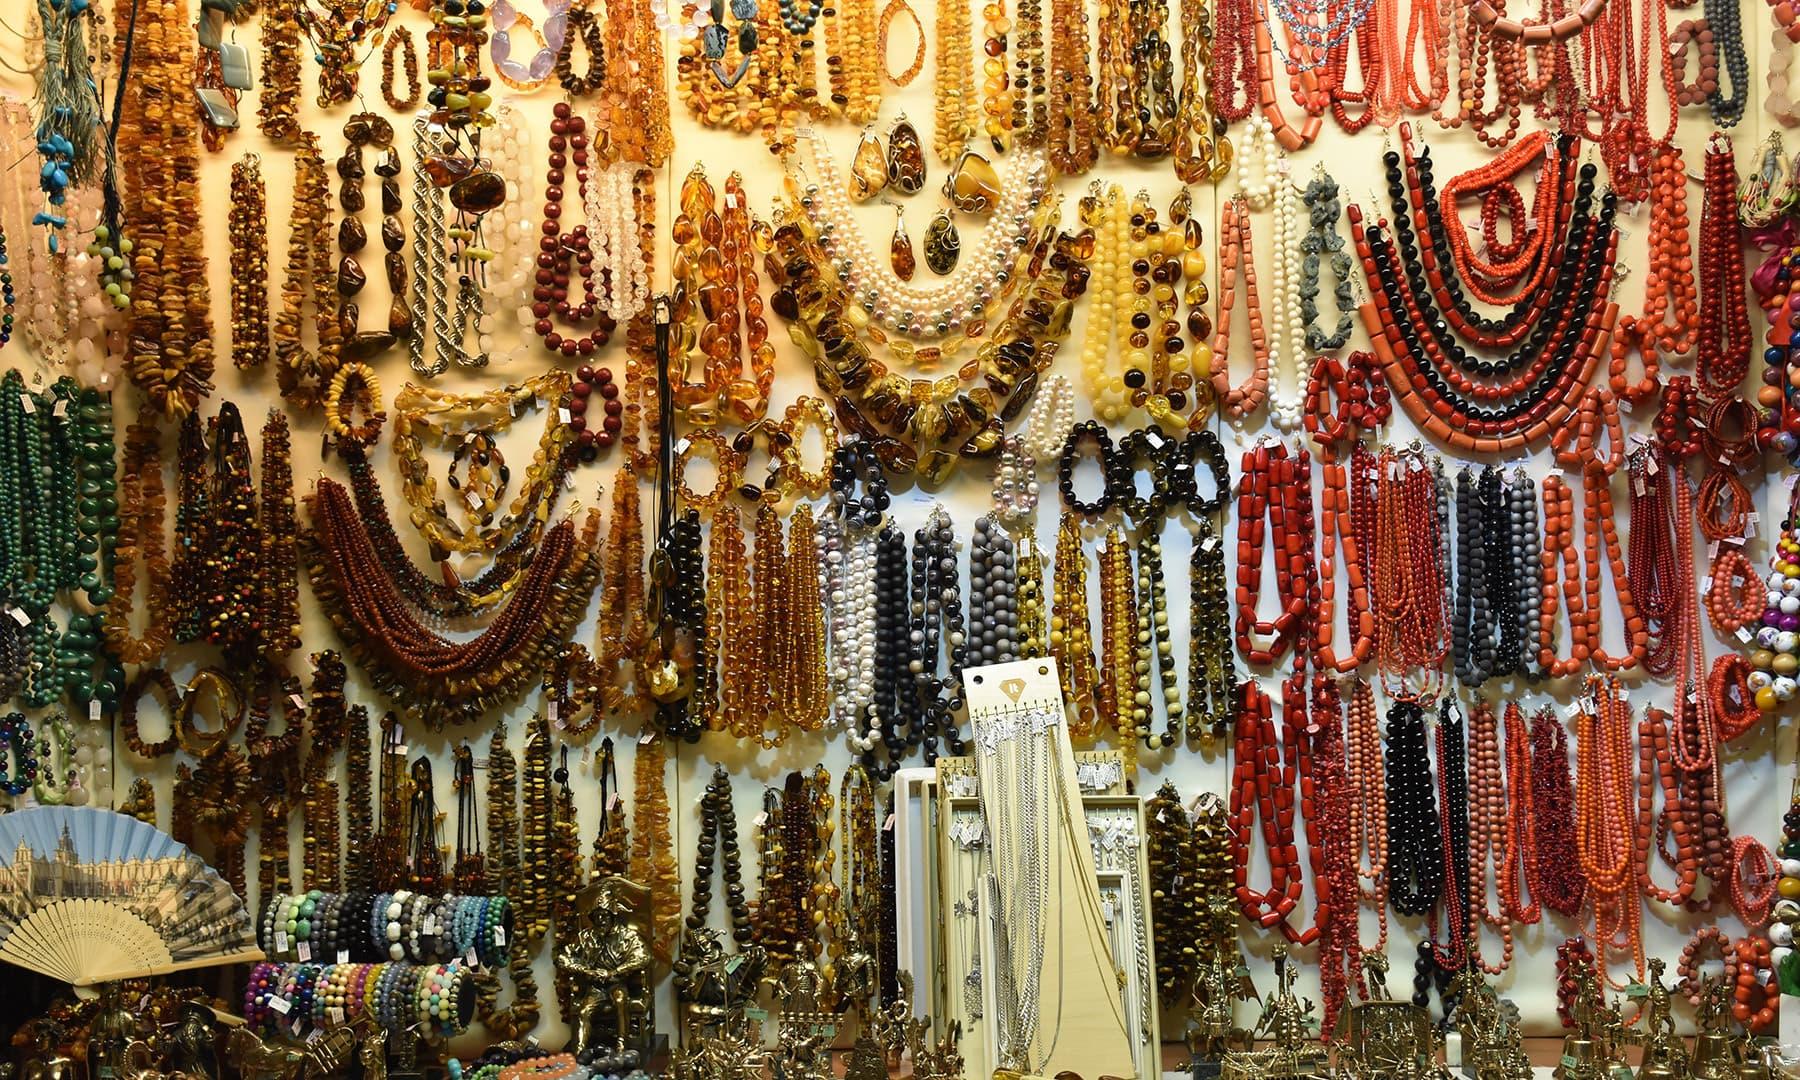 مقامی مارکیٹ کو دیکھنے کا بھی موقع ملا جہاں پر چھوٹی چھوٹی دکانیں تھیں